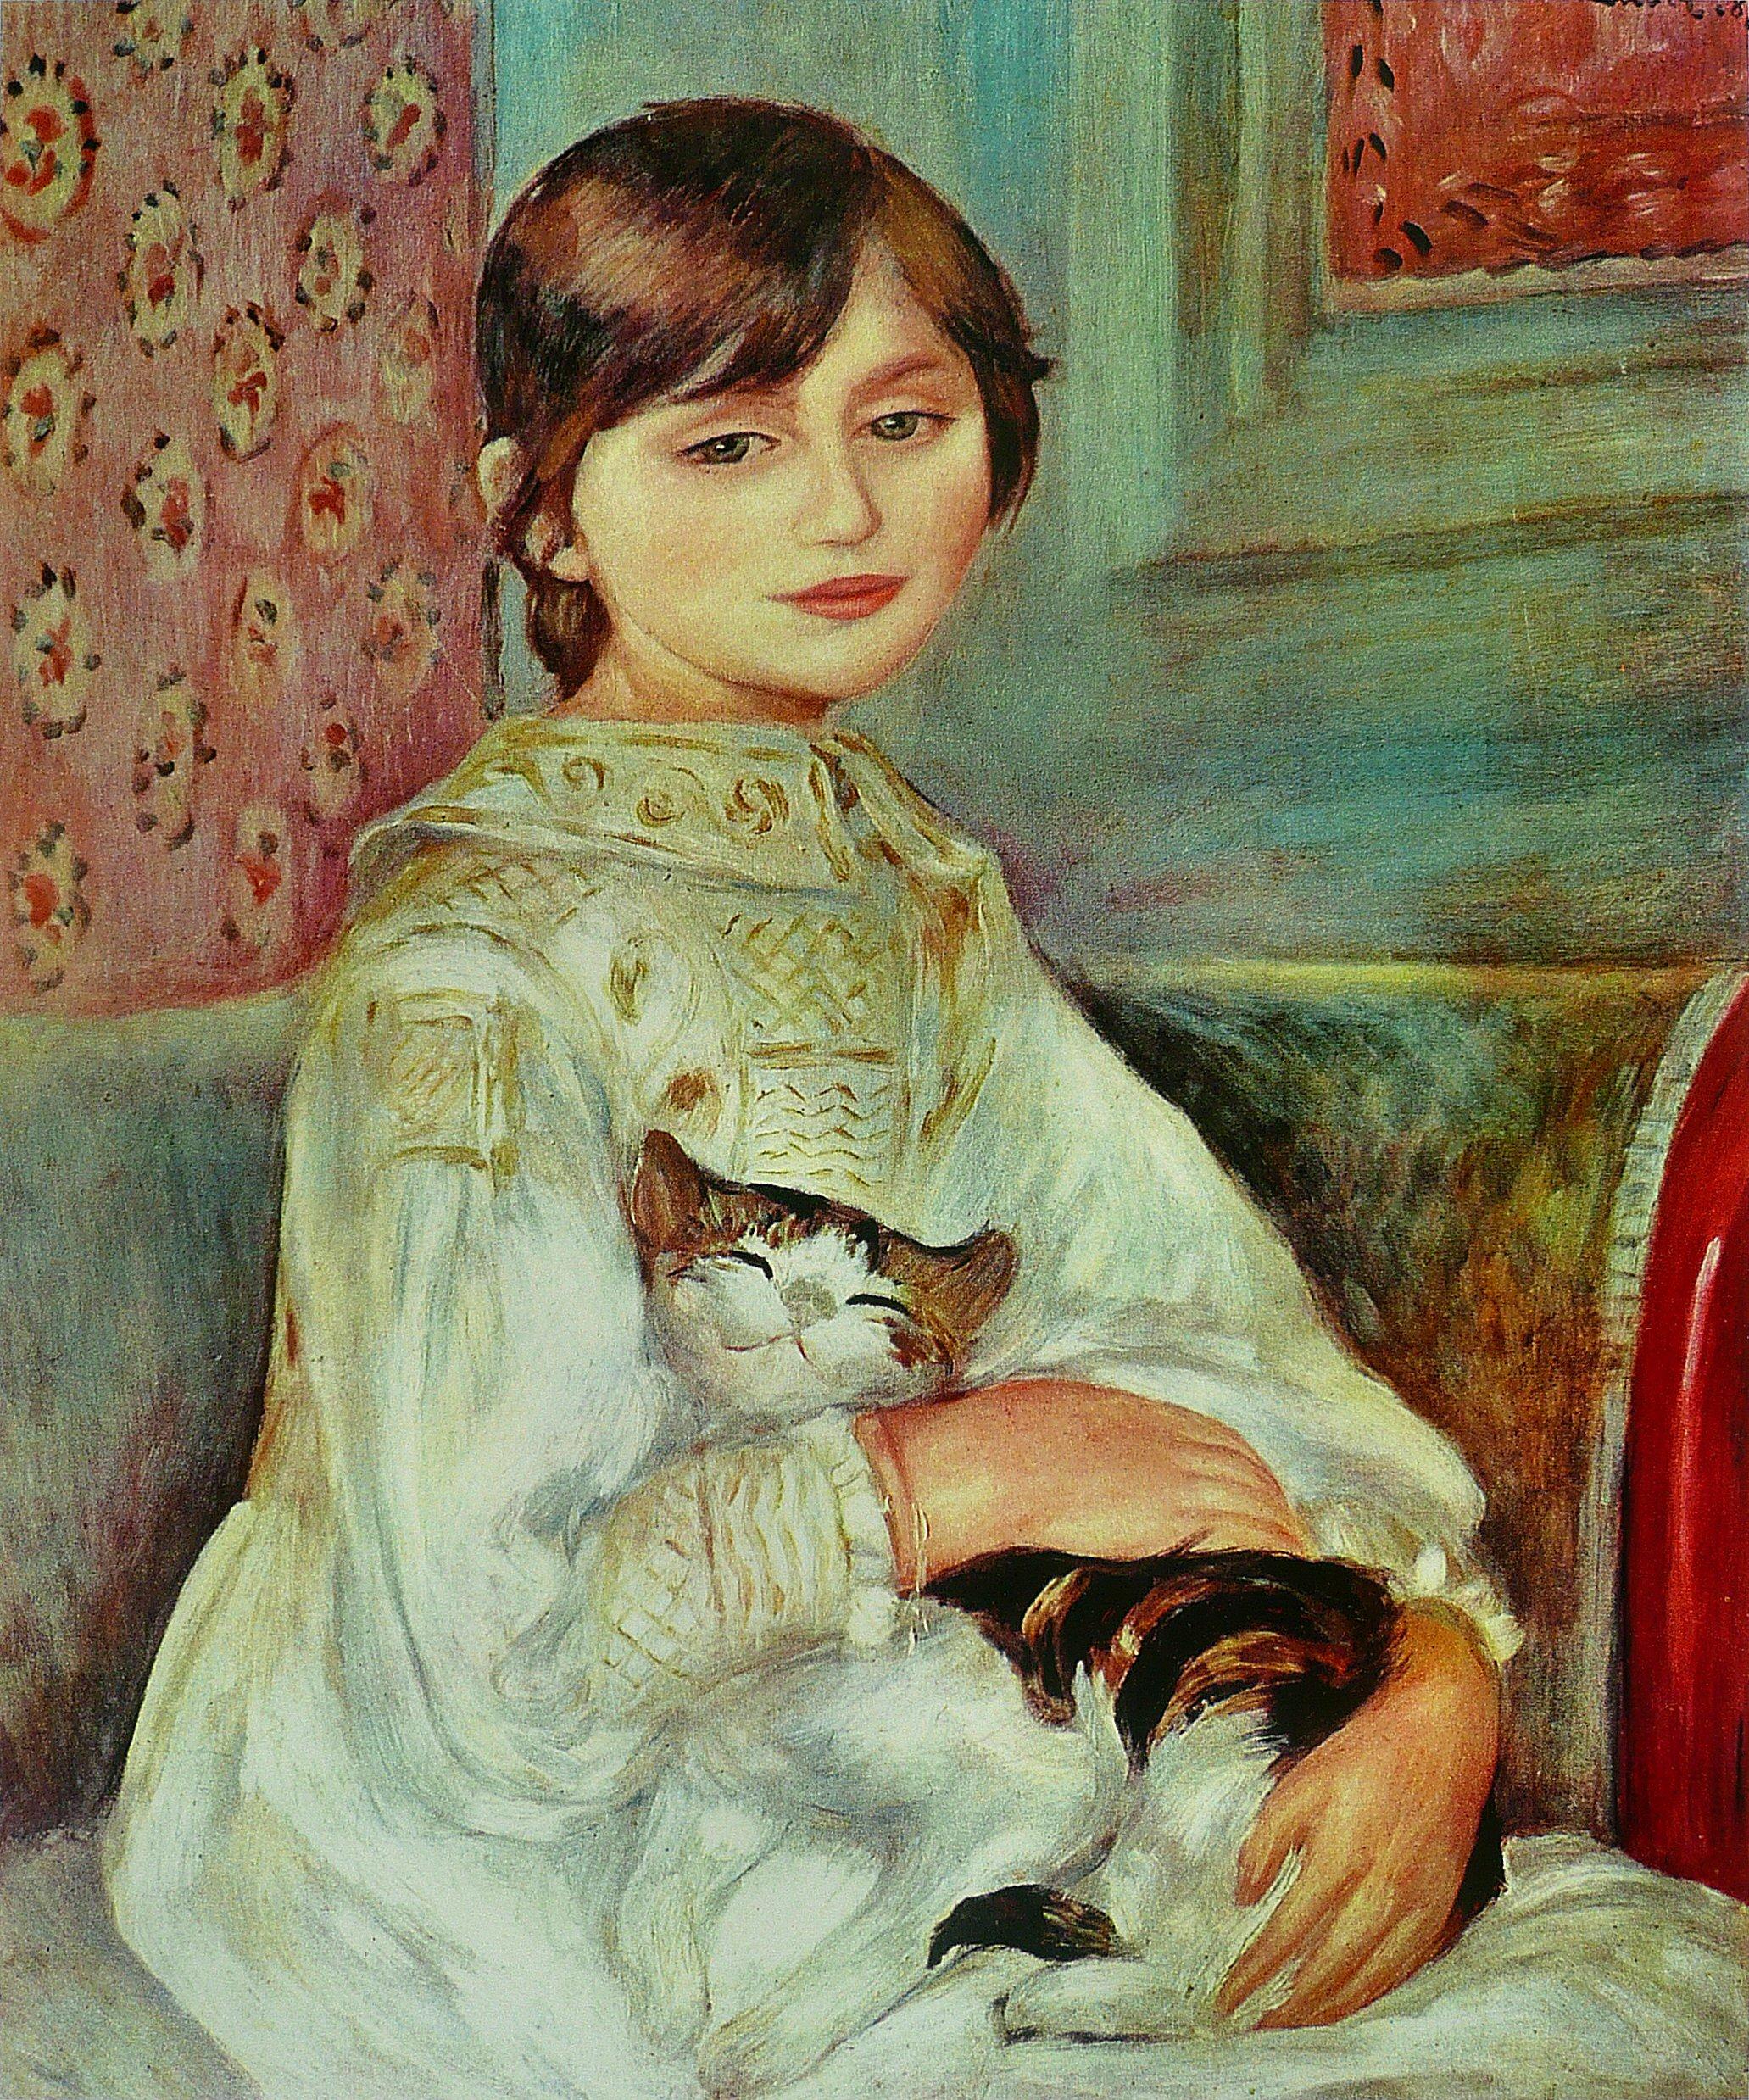 Pierre-Auguste_Renoir_-_Julie_Manet